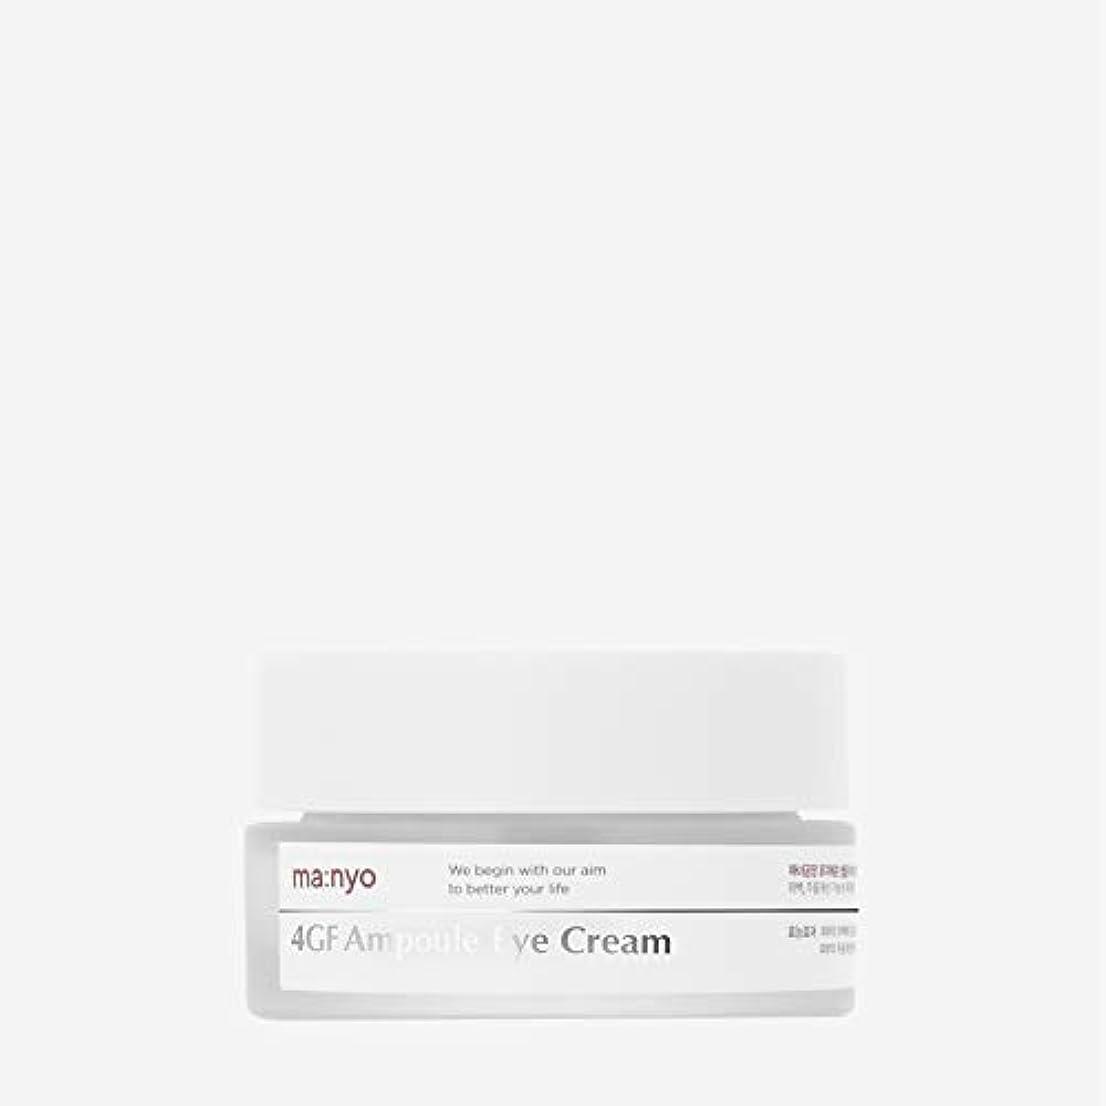 信頼大気活性化魔女工場(Manyo Factory) 4GFアイクリーム 30ml / 死ぬまでに1度は塗ってみたい、その成分